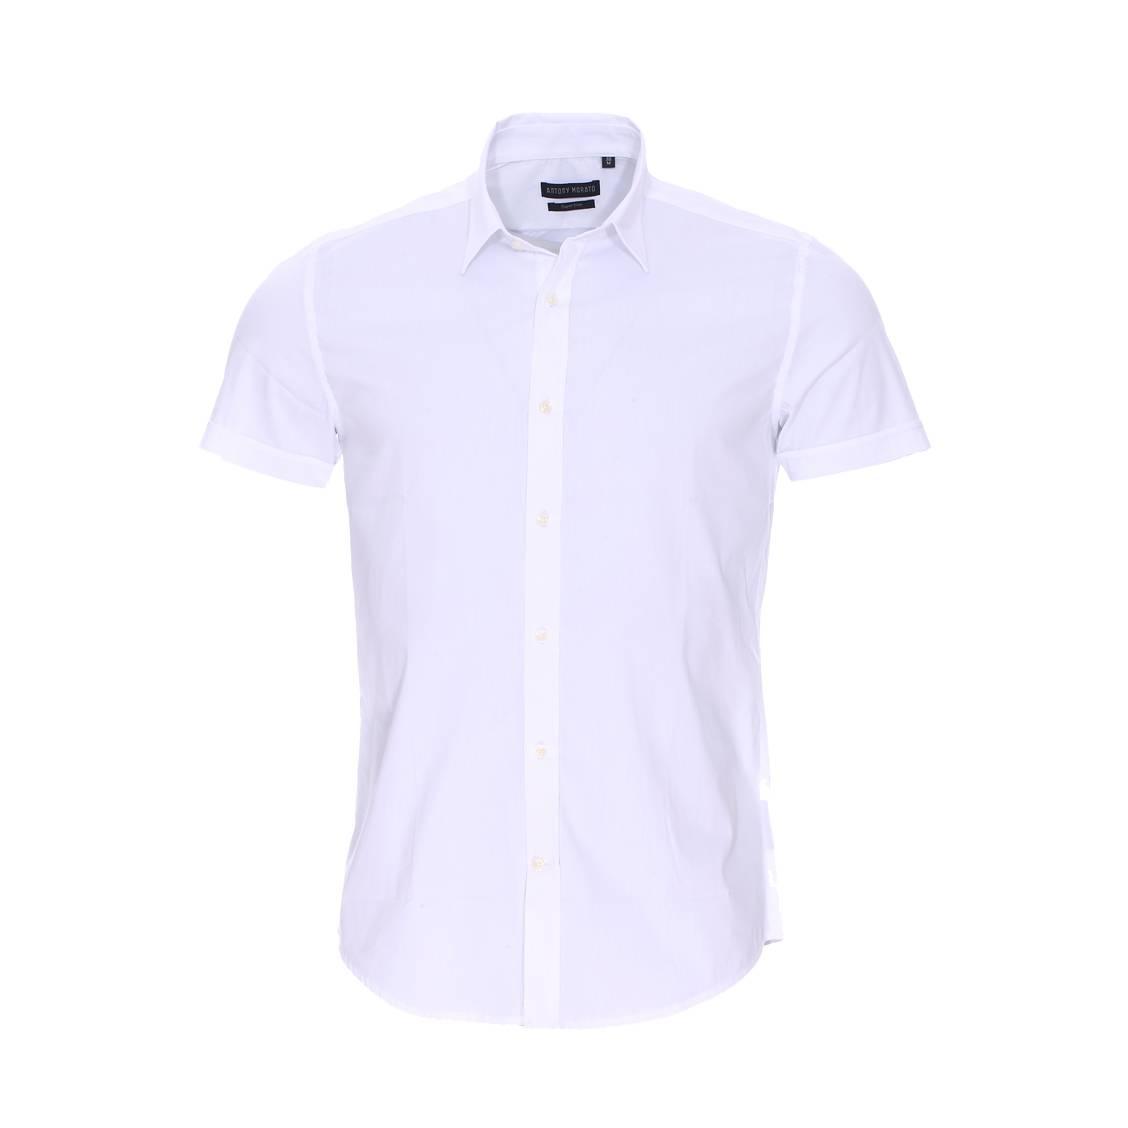 Chemise super slim manches courtes  en coton stretch blanc